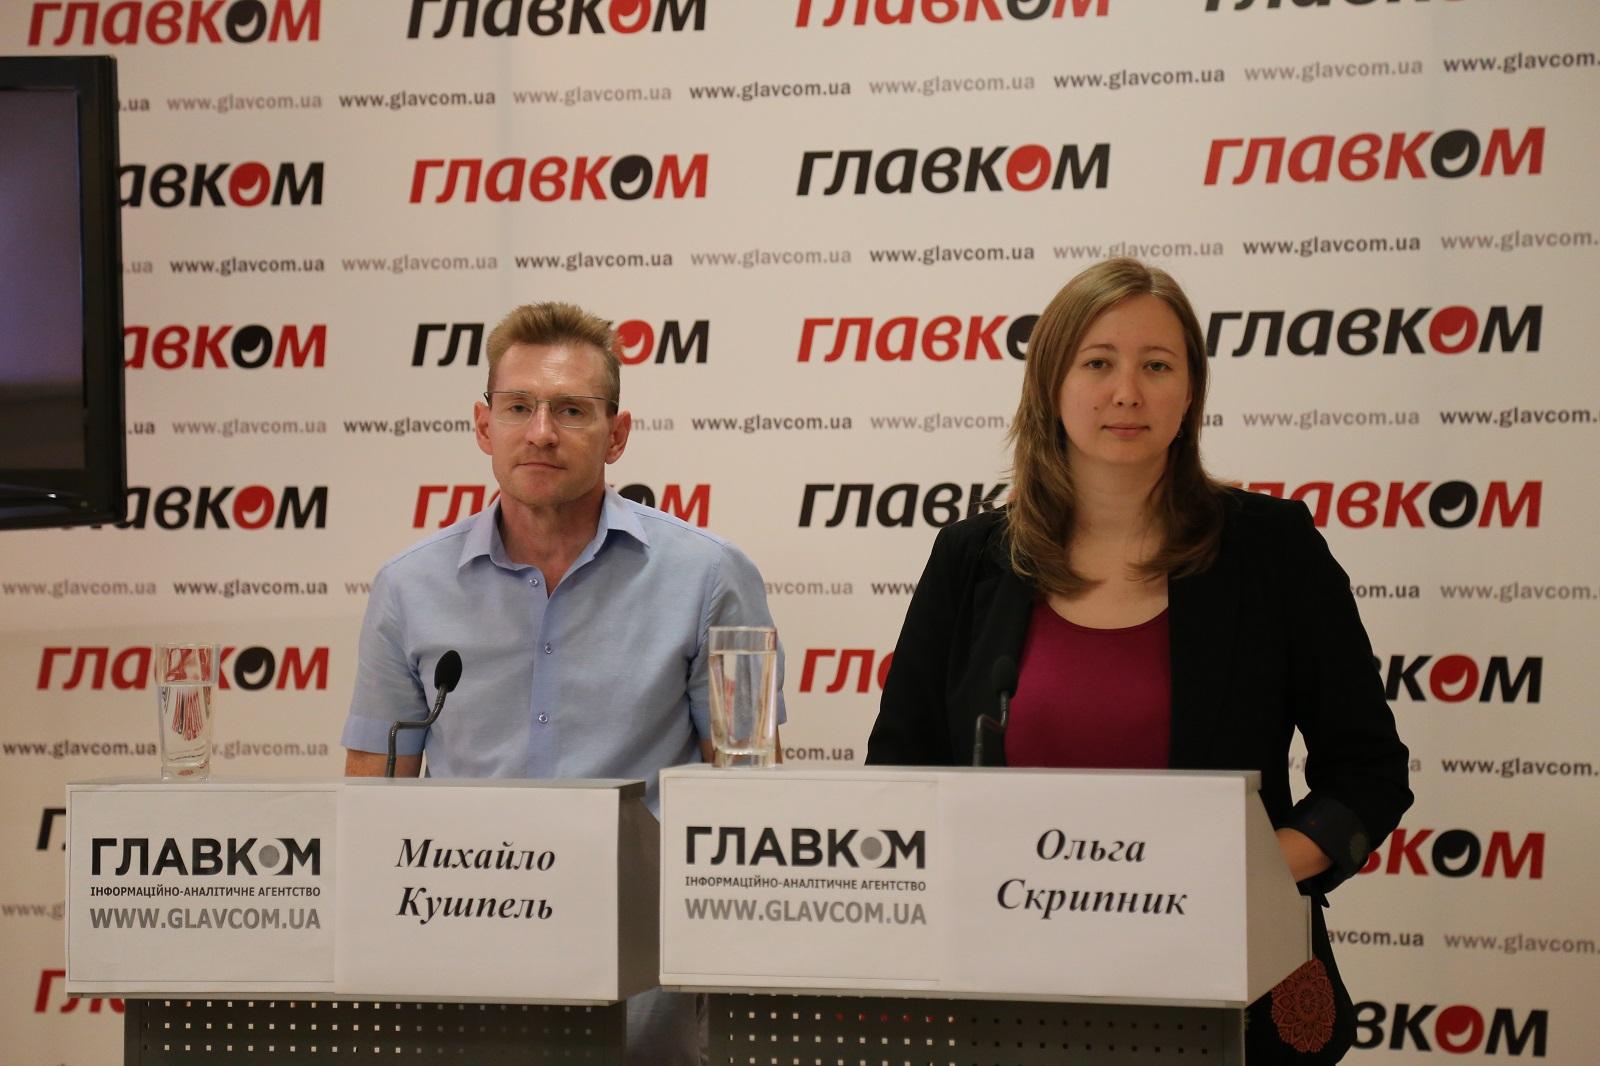 Приговор, вынесенный украинцу Коломийцу в Крыму — политически мотивирован, — правозащитники